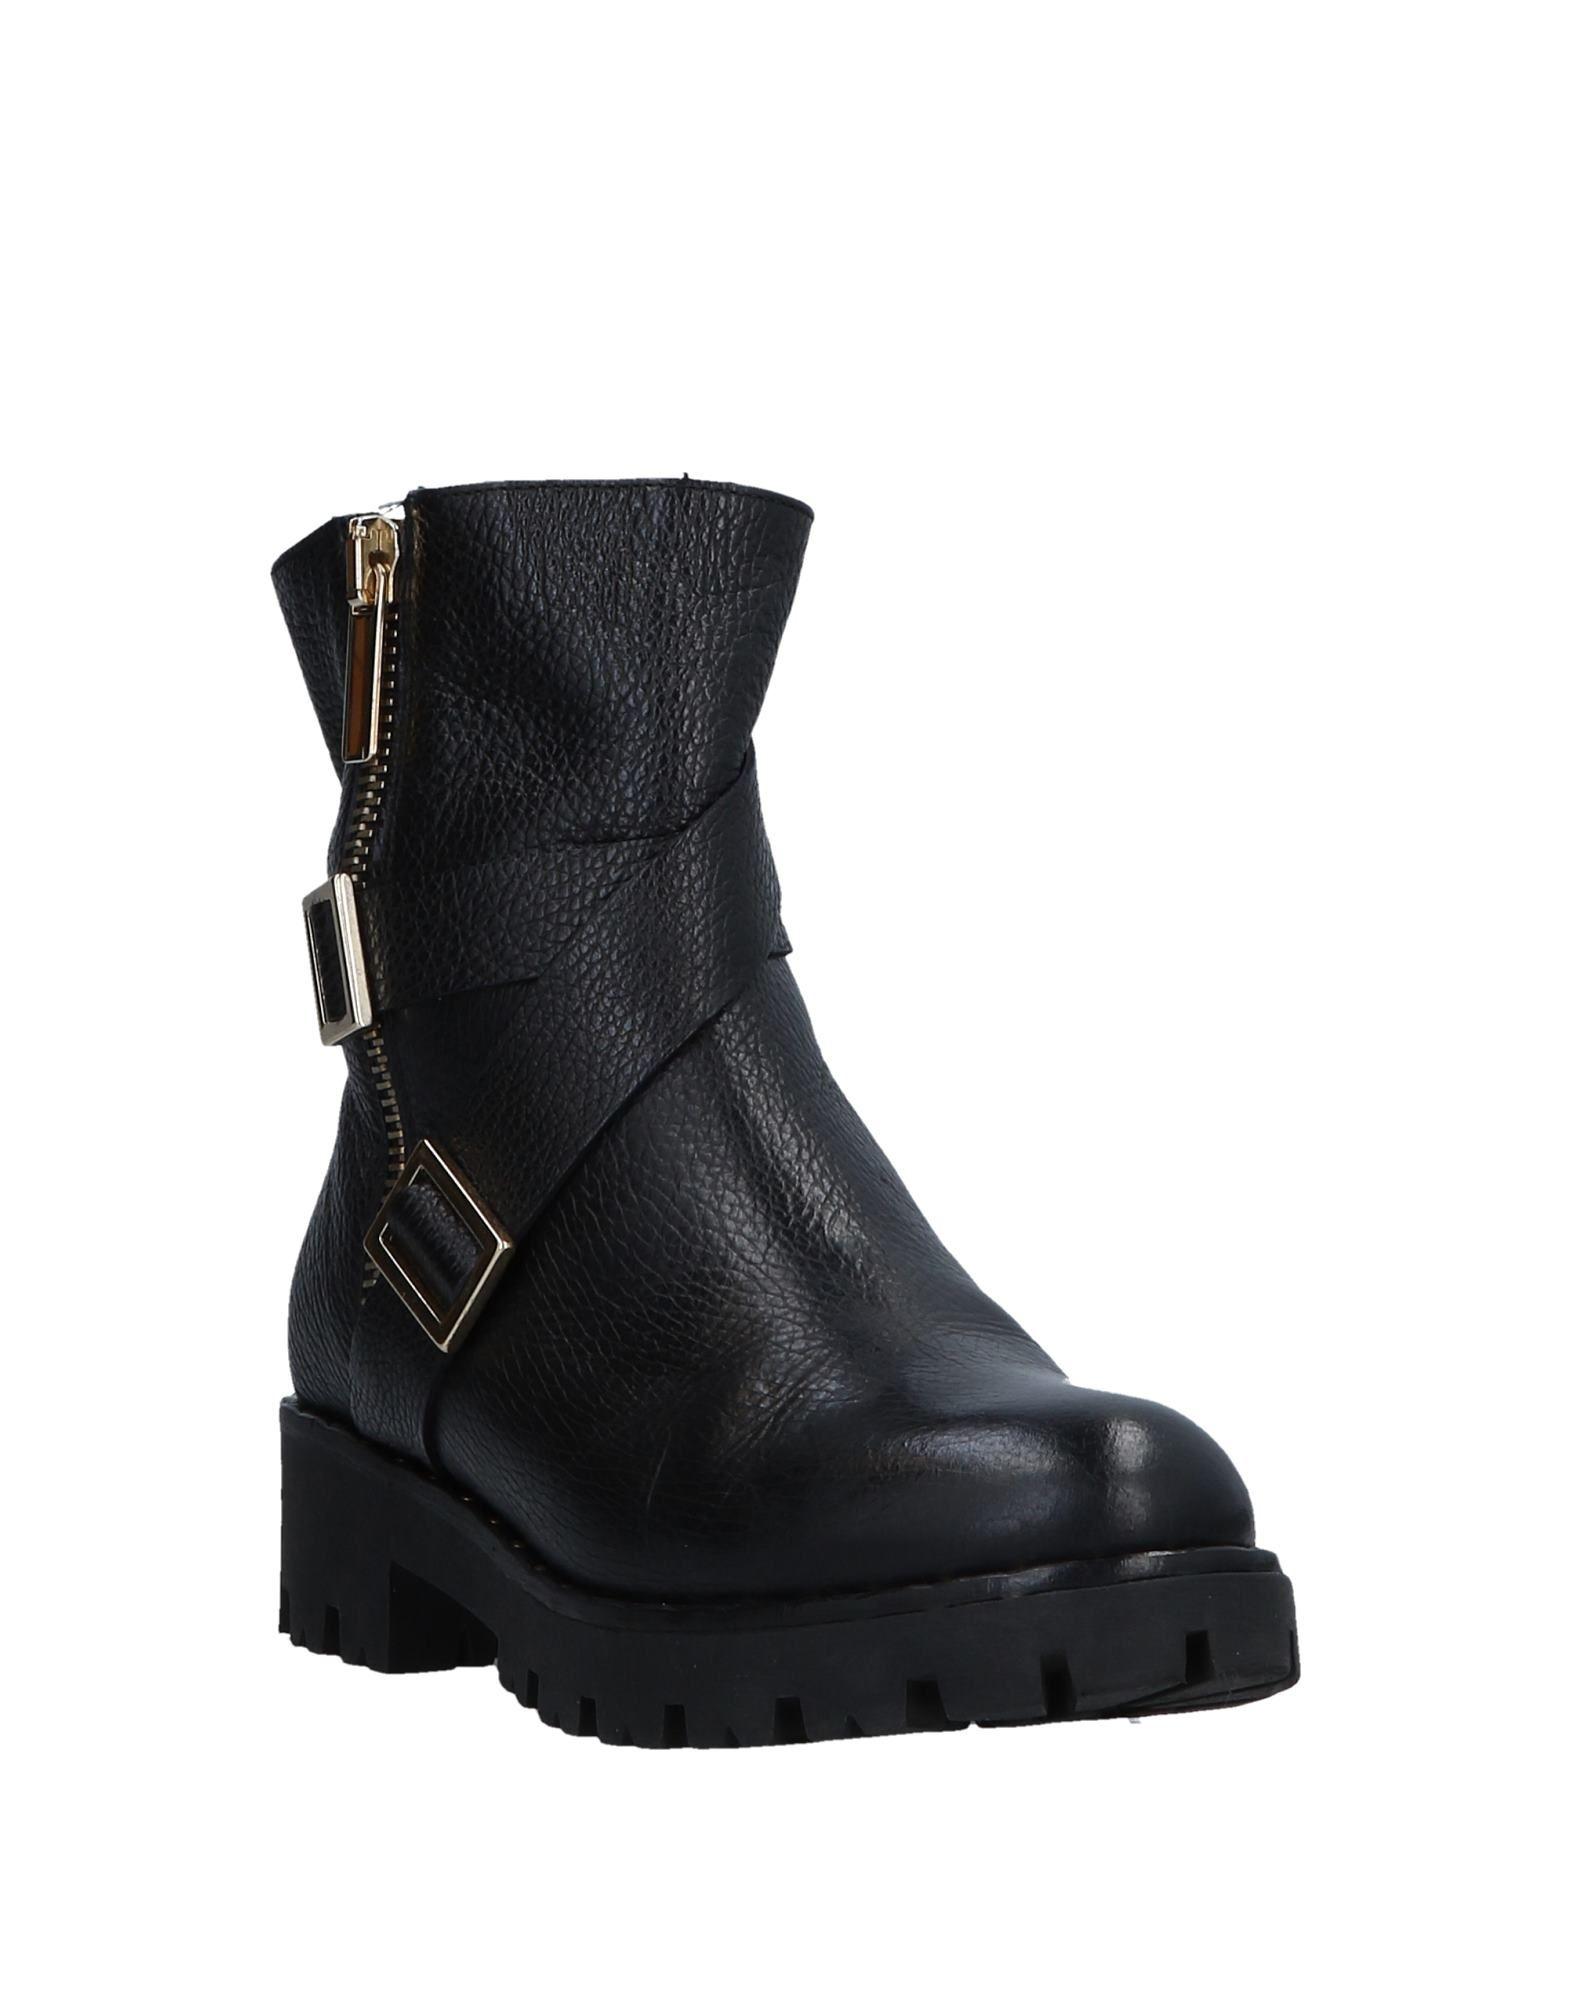 Tosca Blu Shoes Gute Stiefelette Damen  11517215QV Gute Shoes Qualität beliebte Schuhe bf3c0e